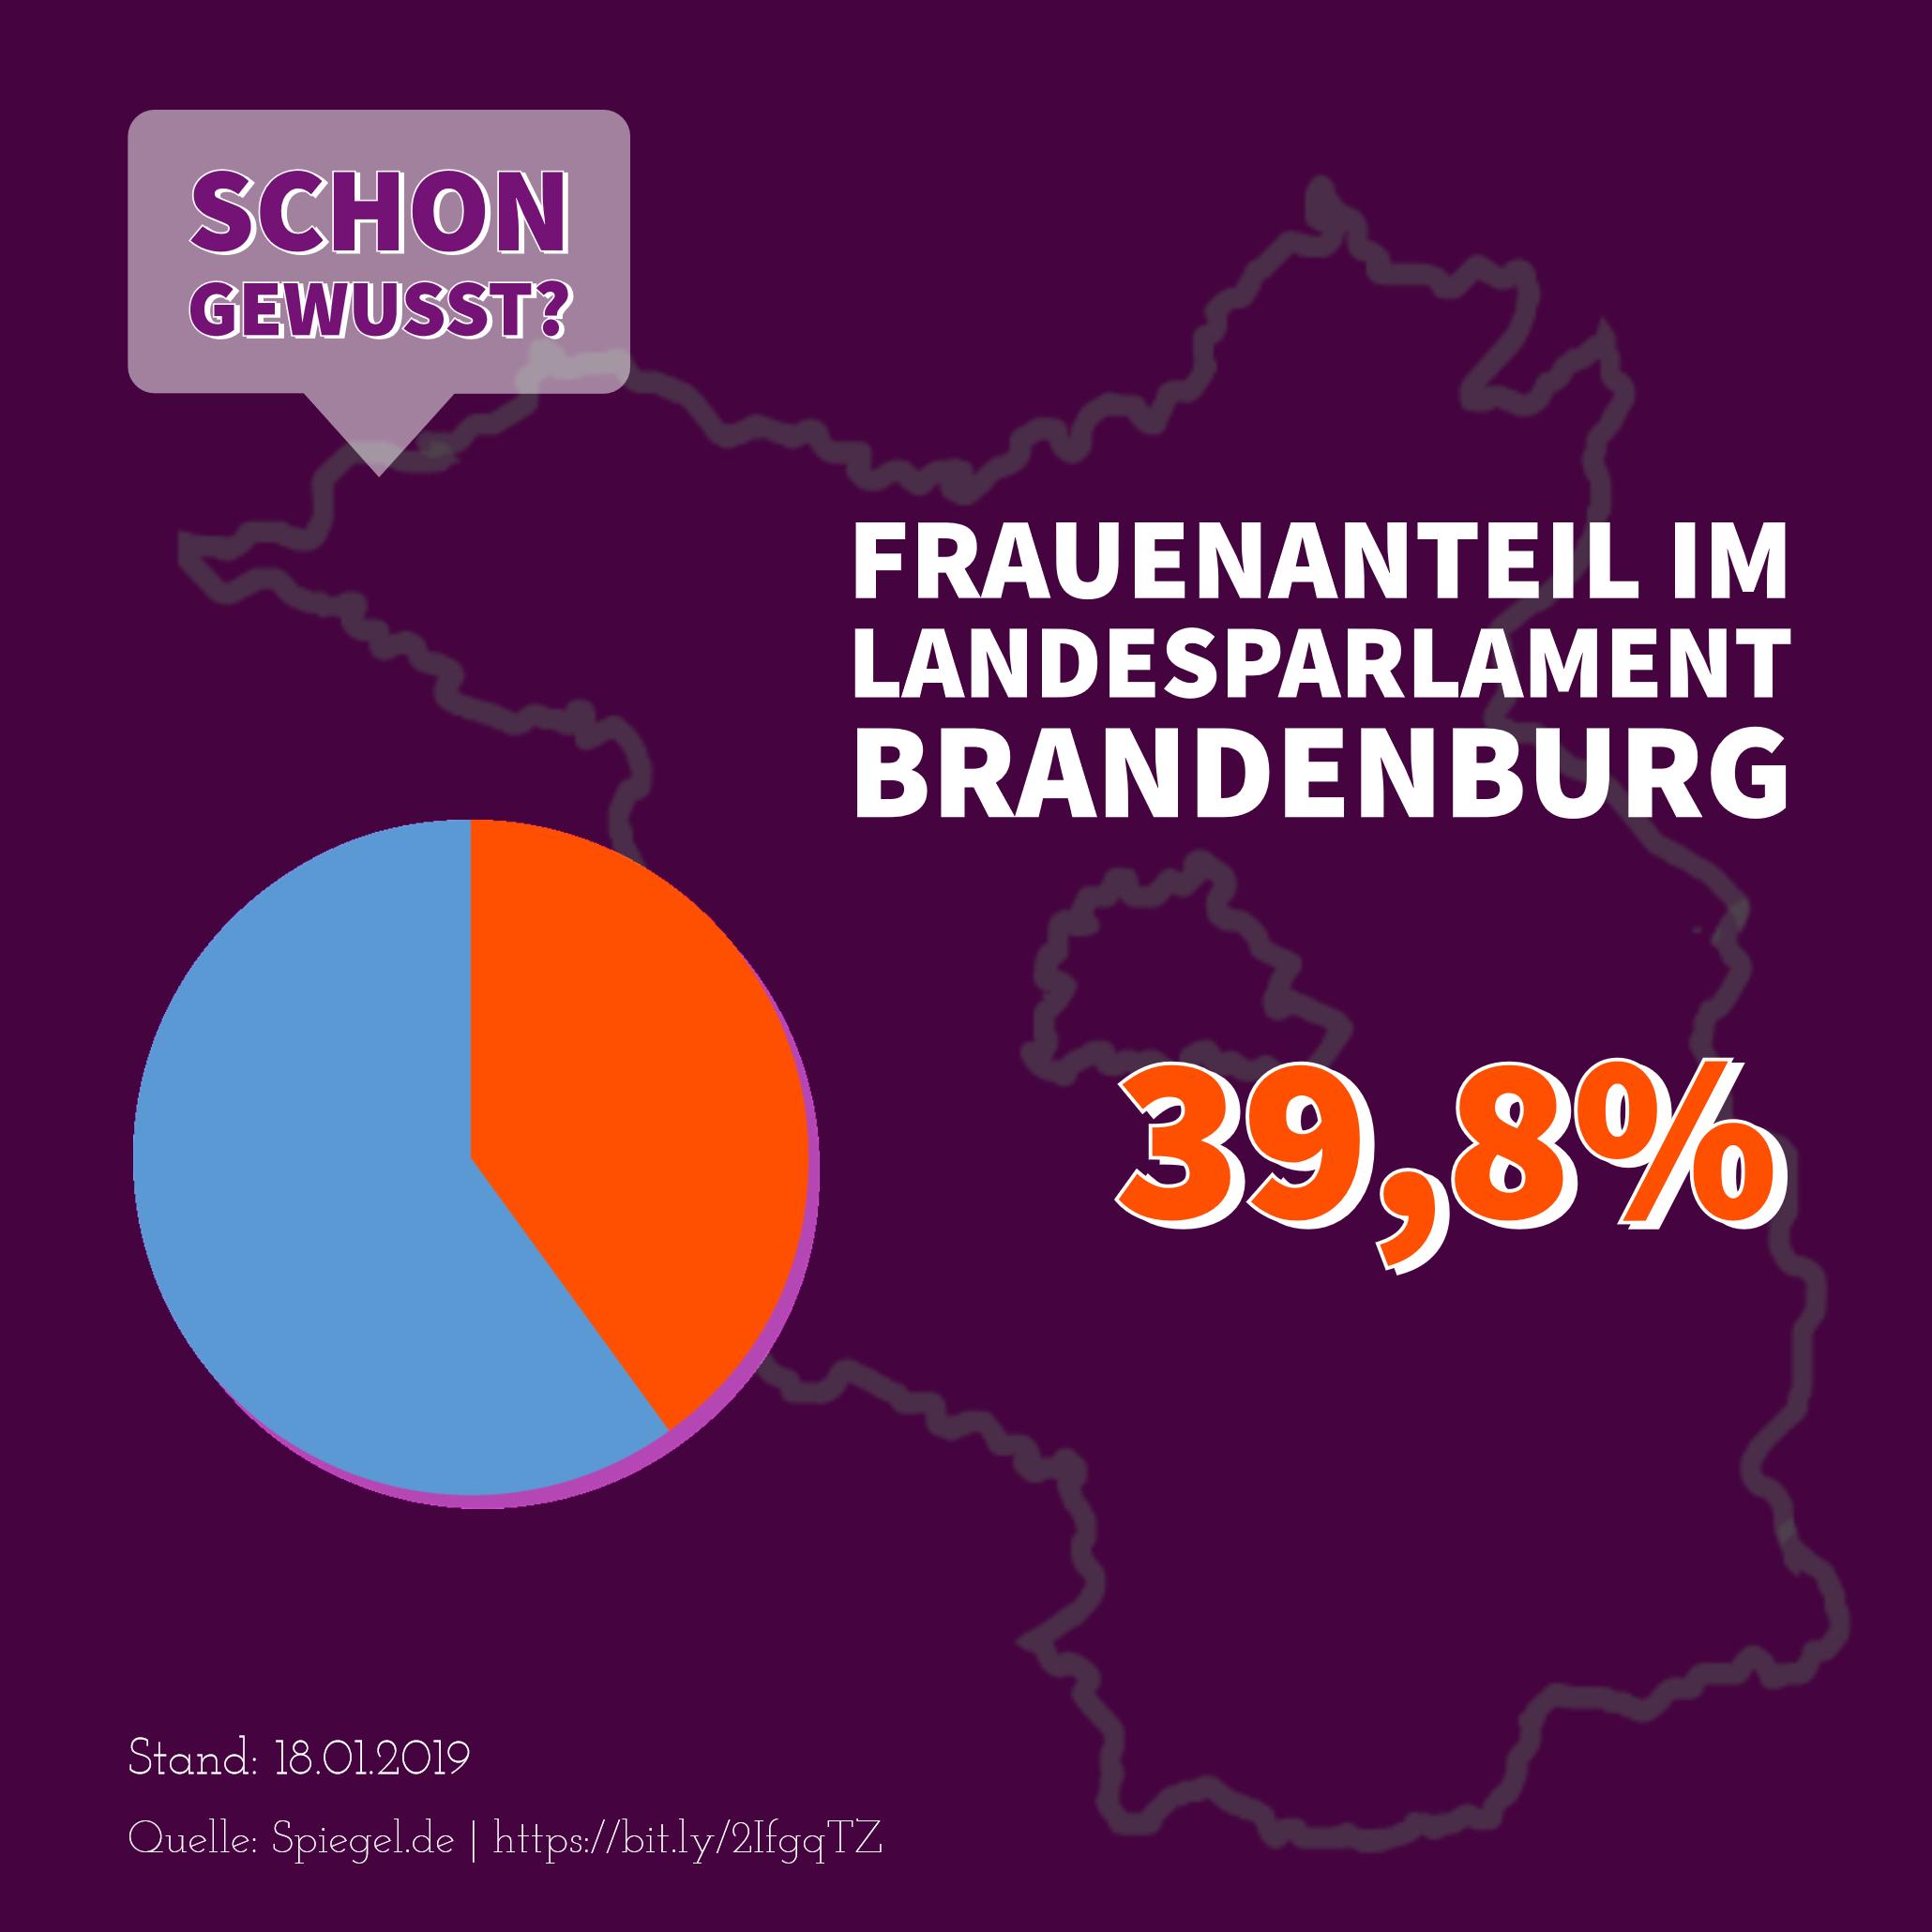 Frauenanteil im Landesparlamen Brandenburg: 39,8%